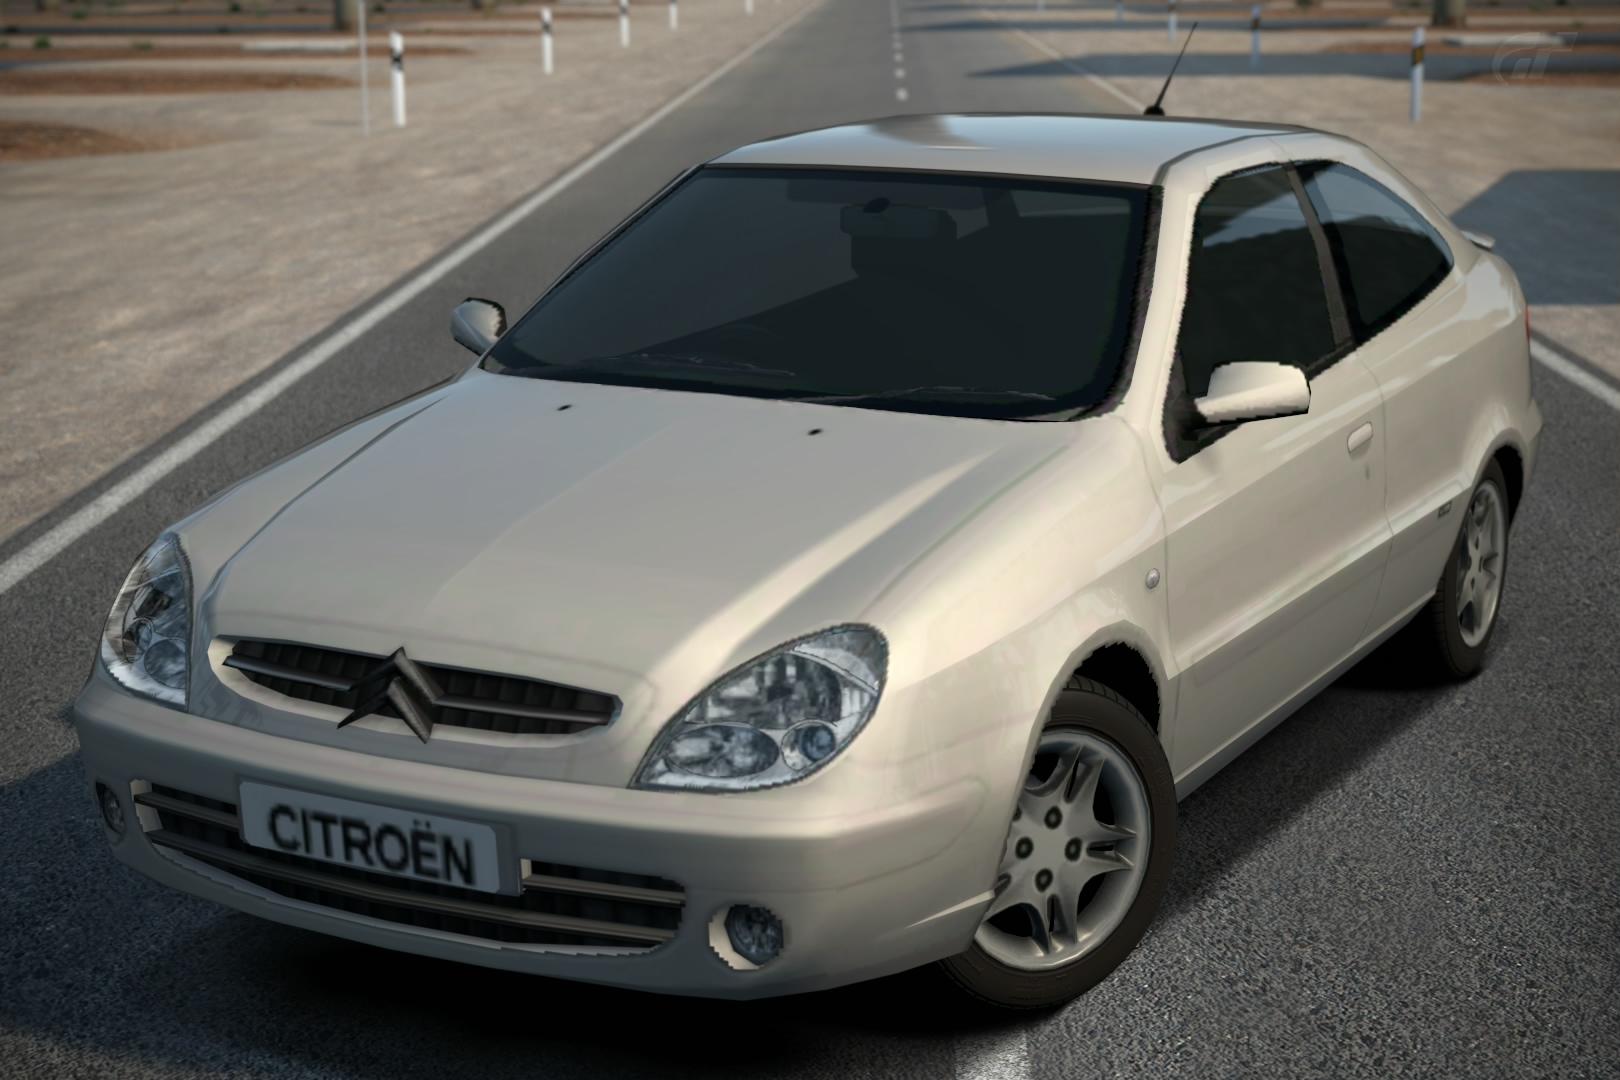 Citroën Xsara VTR '03